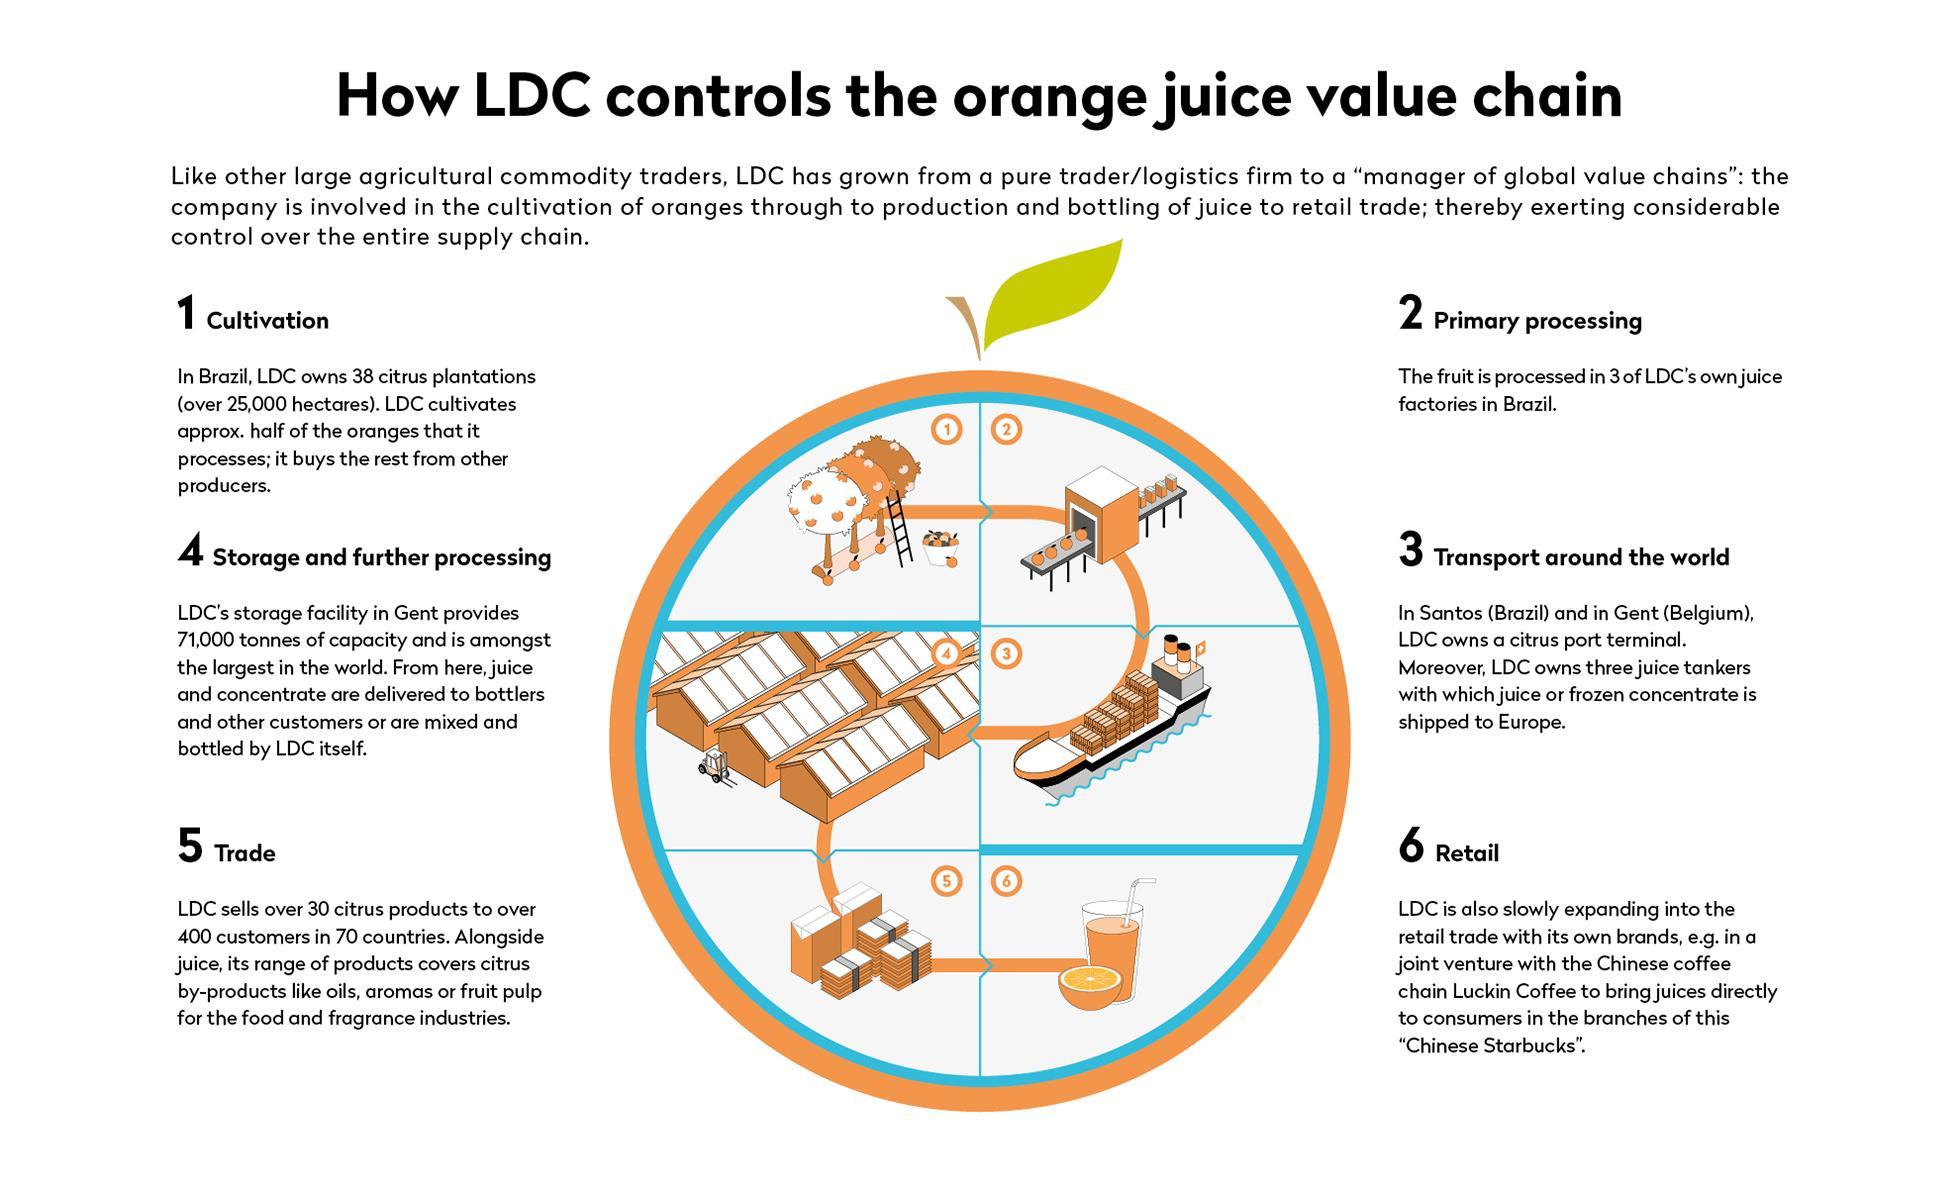 LDC narancs kereskedelem